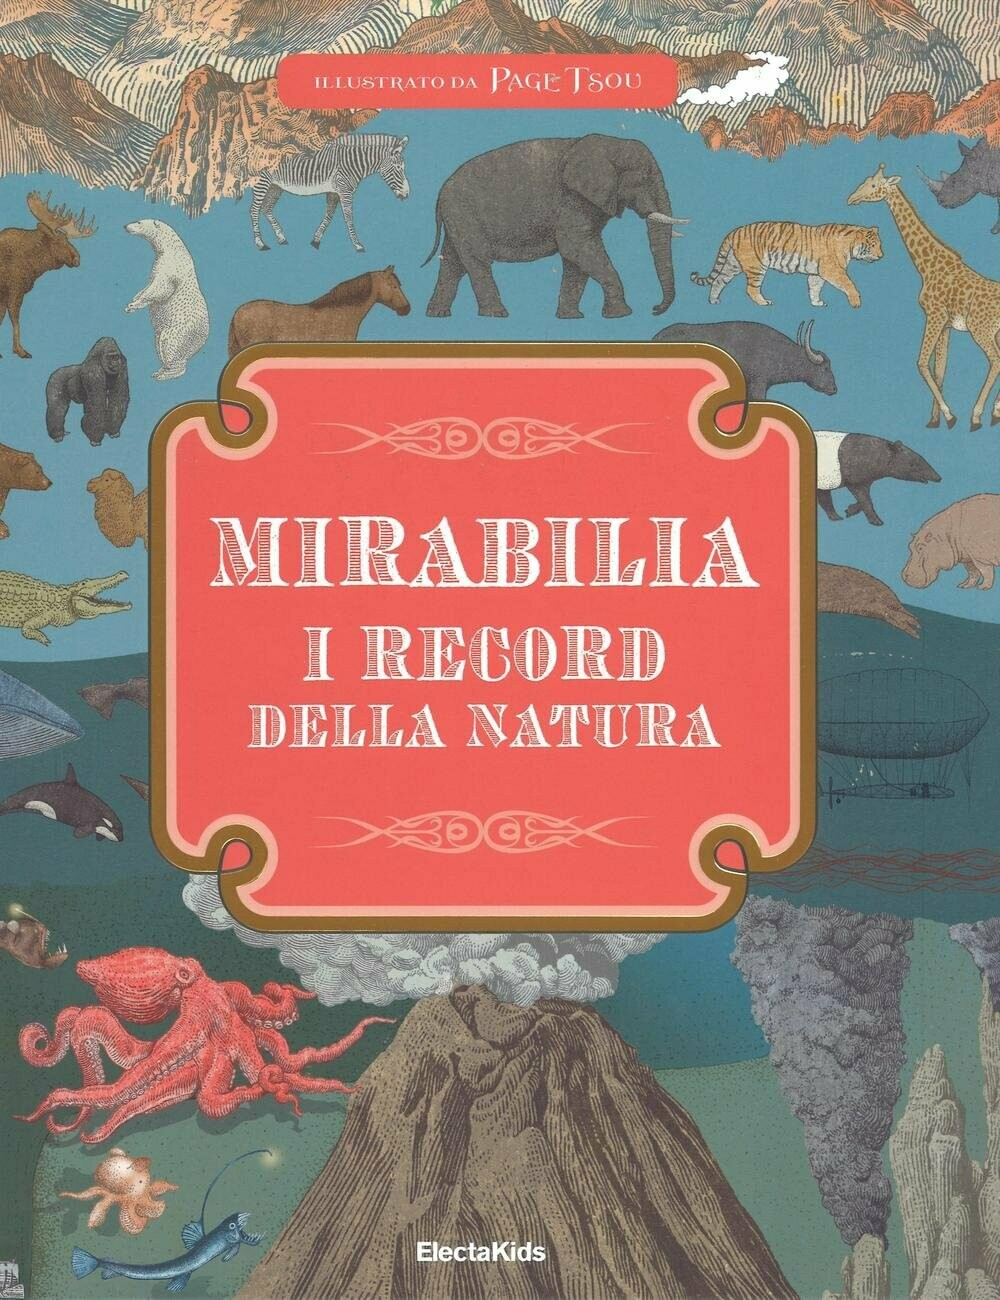 Mirabilia. I record della natura